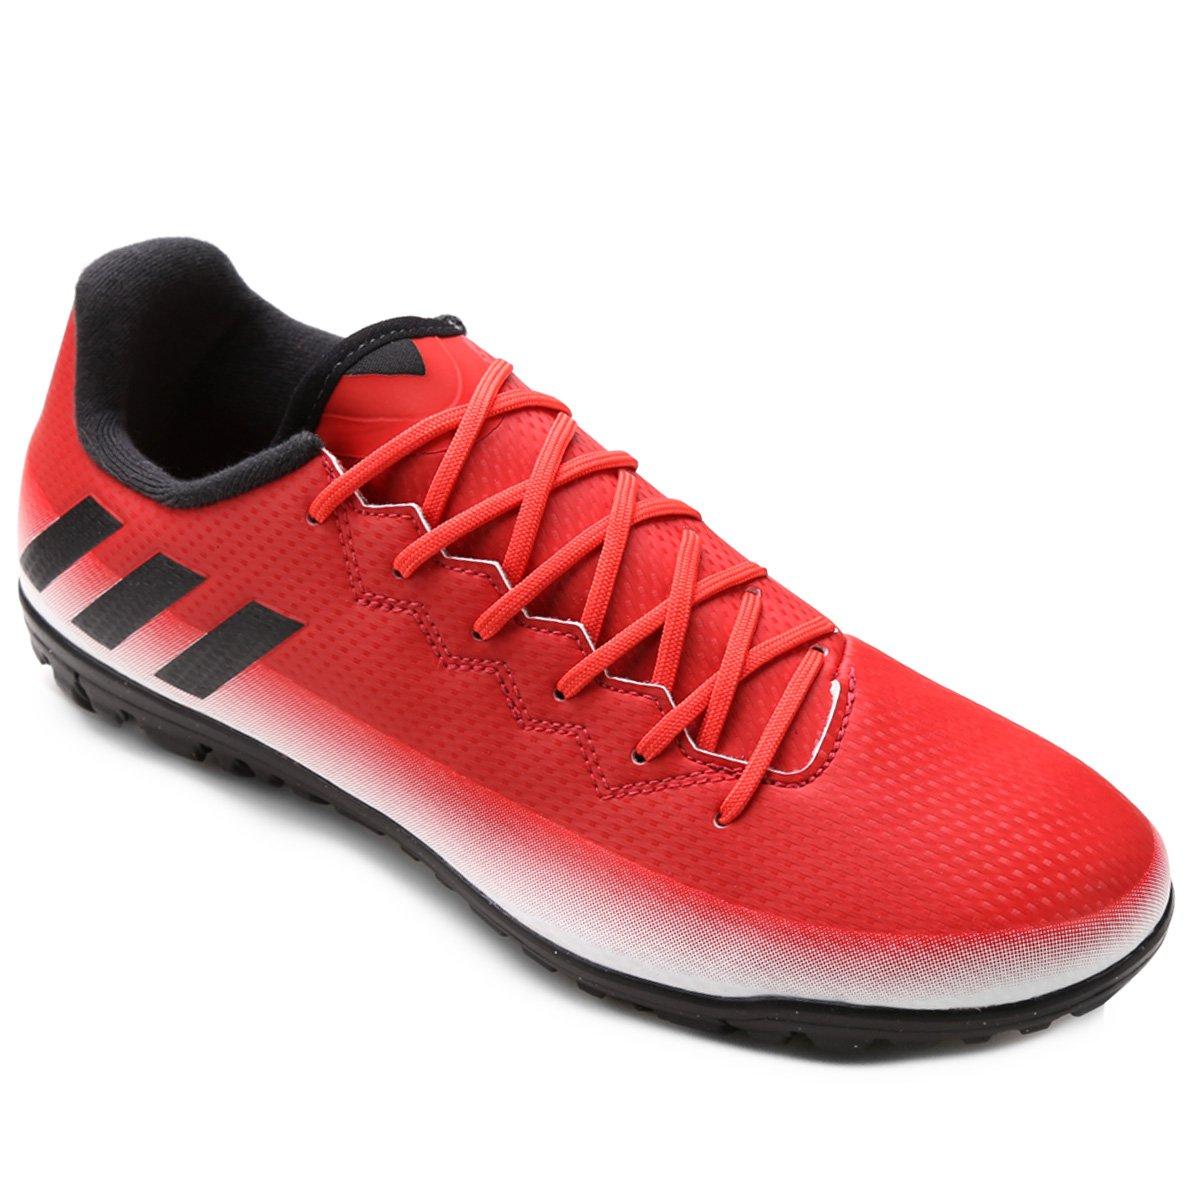 Chuteira Society Adidas Messi 16.3 TF Masculina - Vermelho e Branco -  Compre Agora  d8dfa5dc937d0